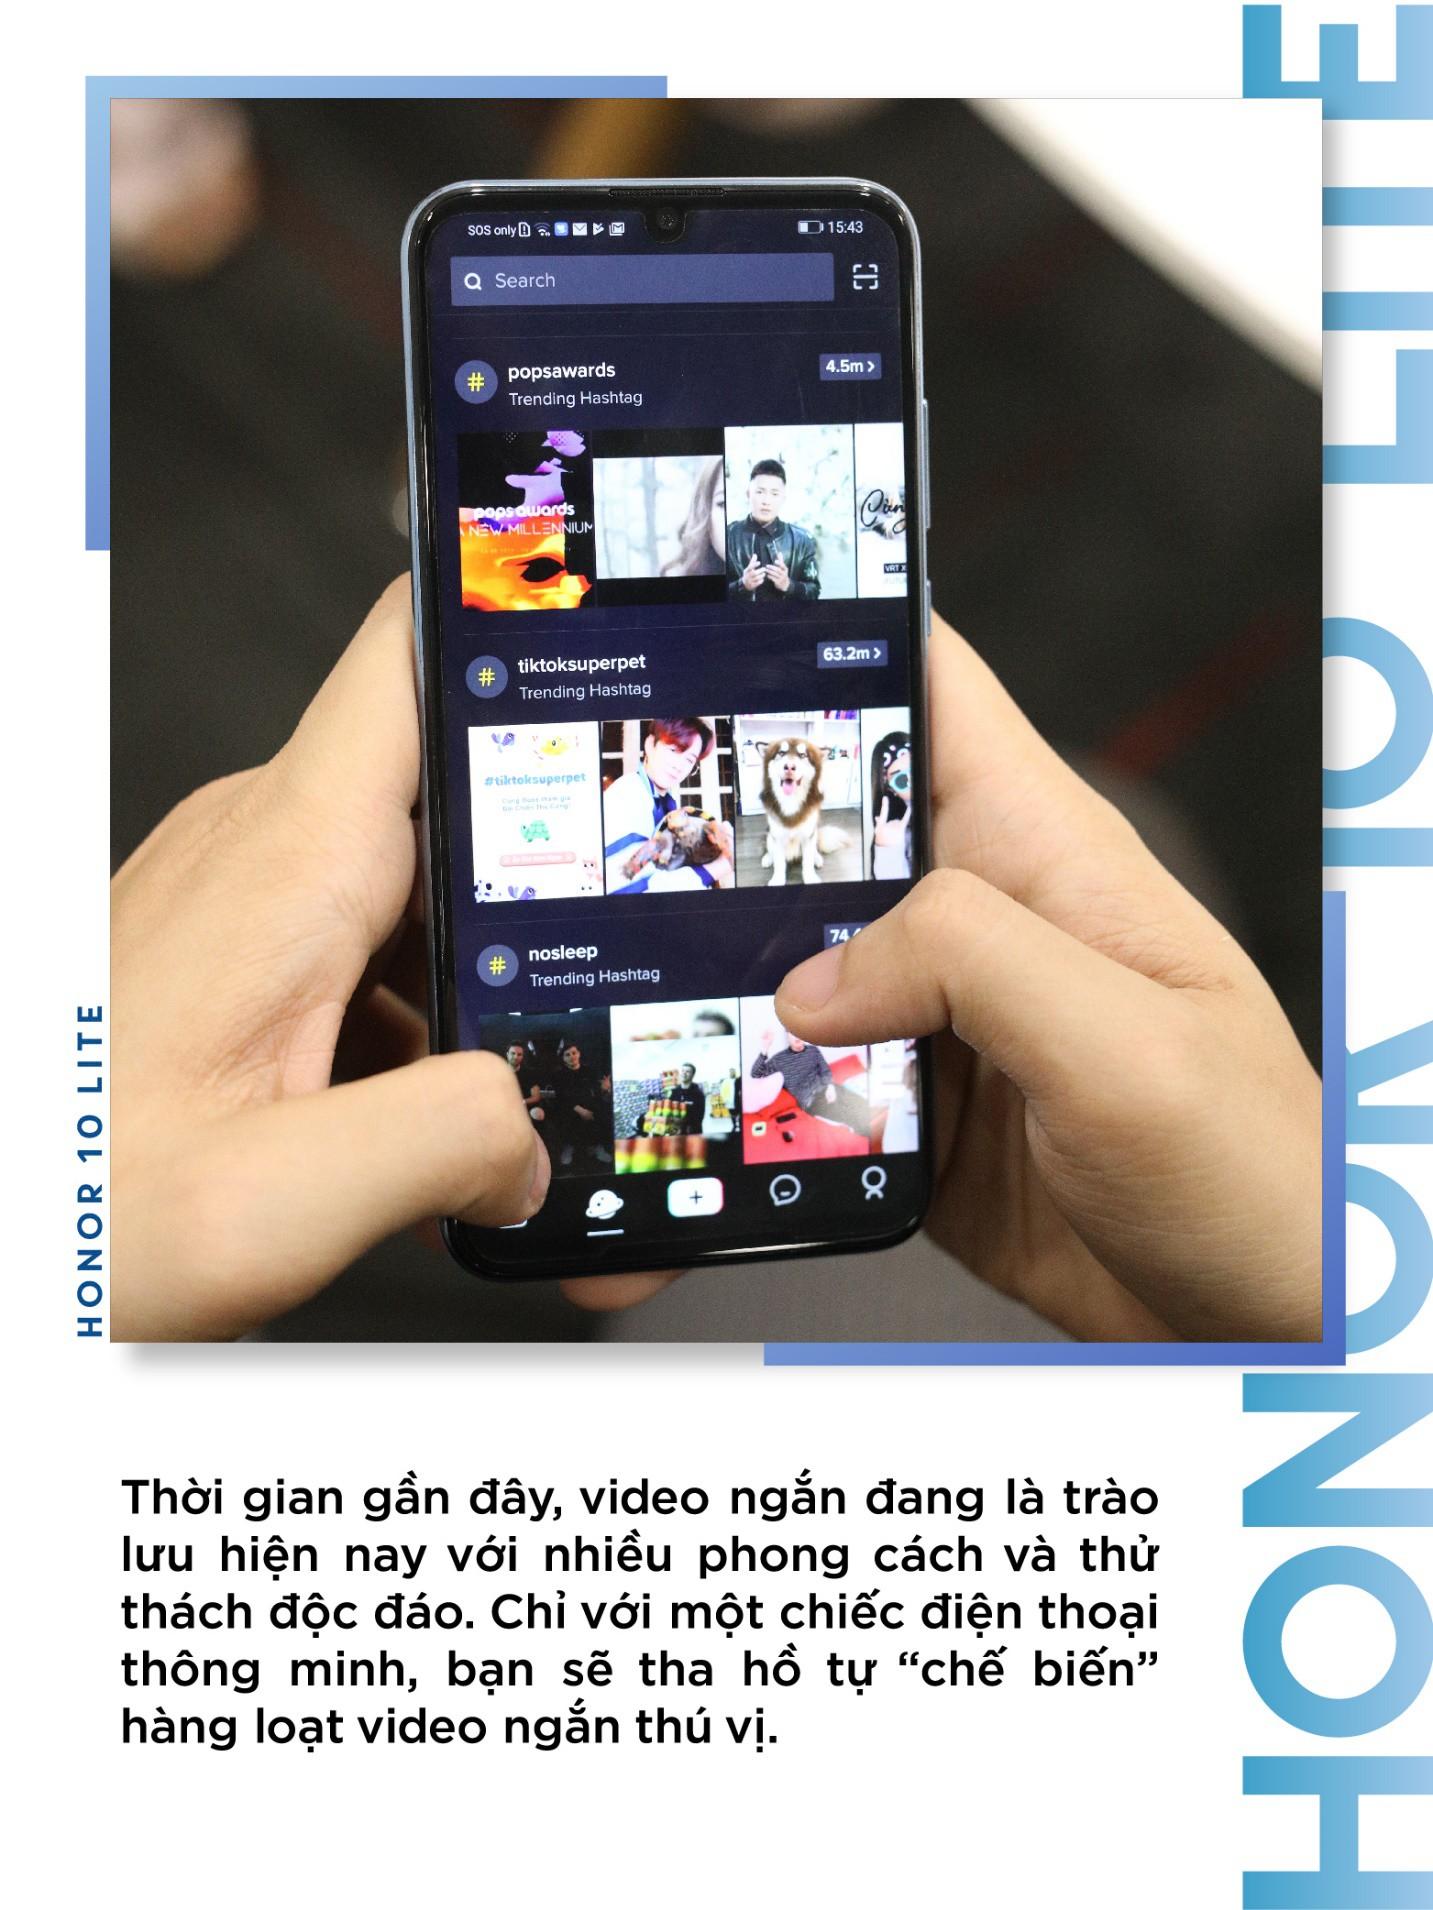 7 cách biến chiếc điện thoại selfie Honor của bạn thành trợ thủ đắc lực - Ảnh 3.